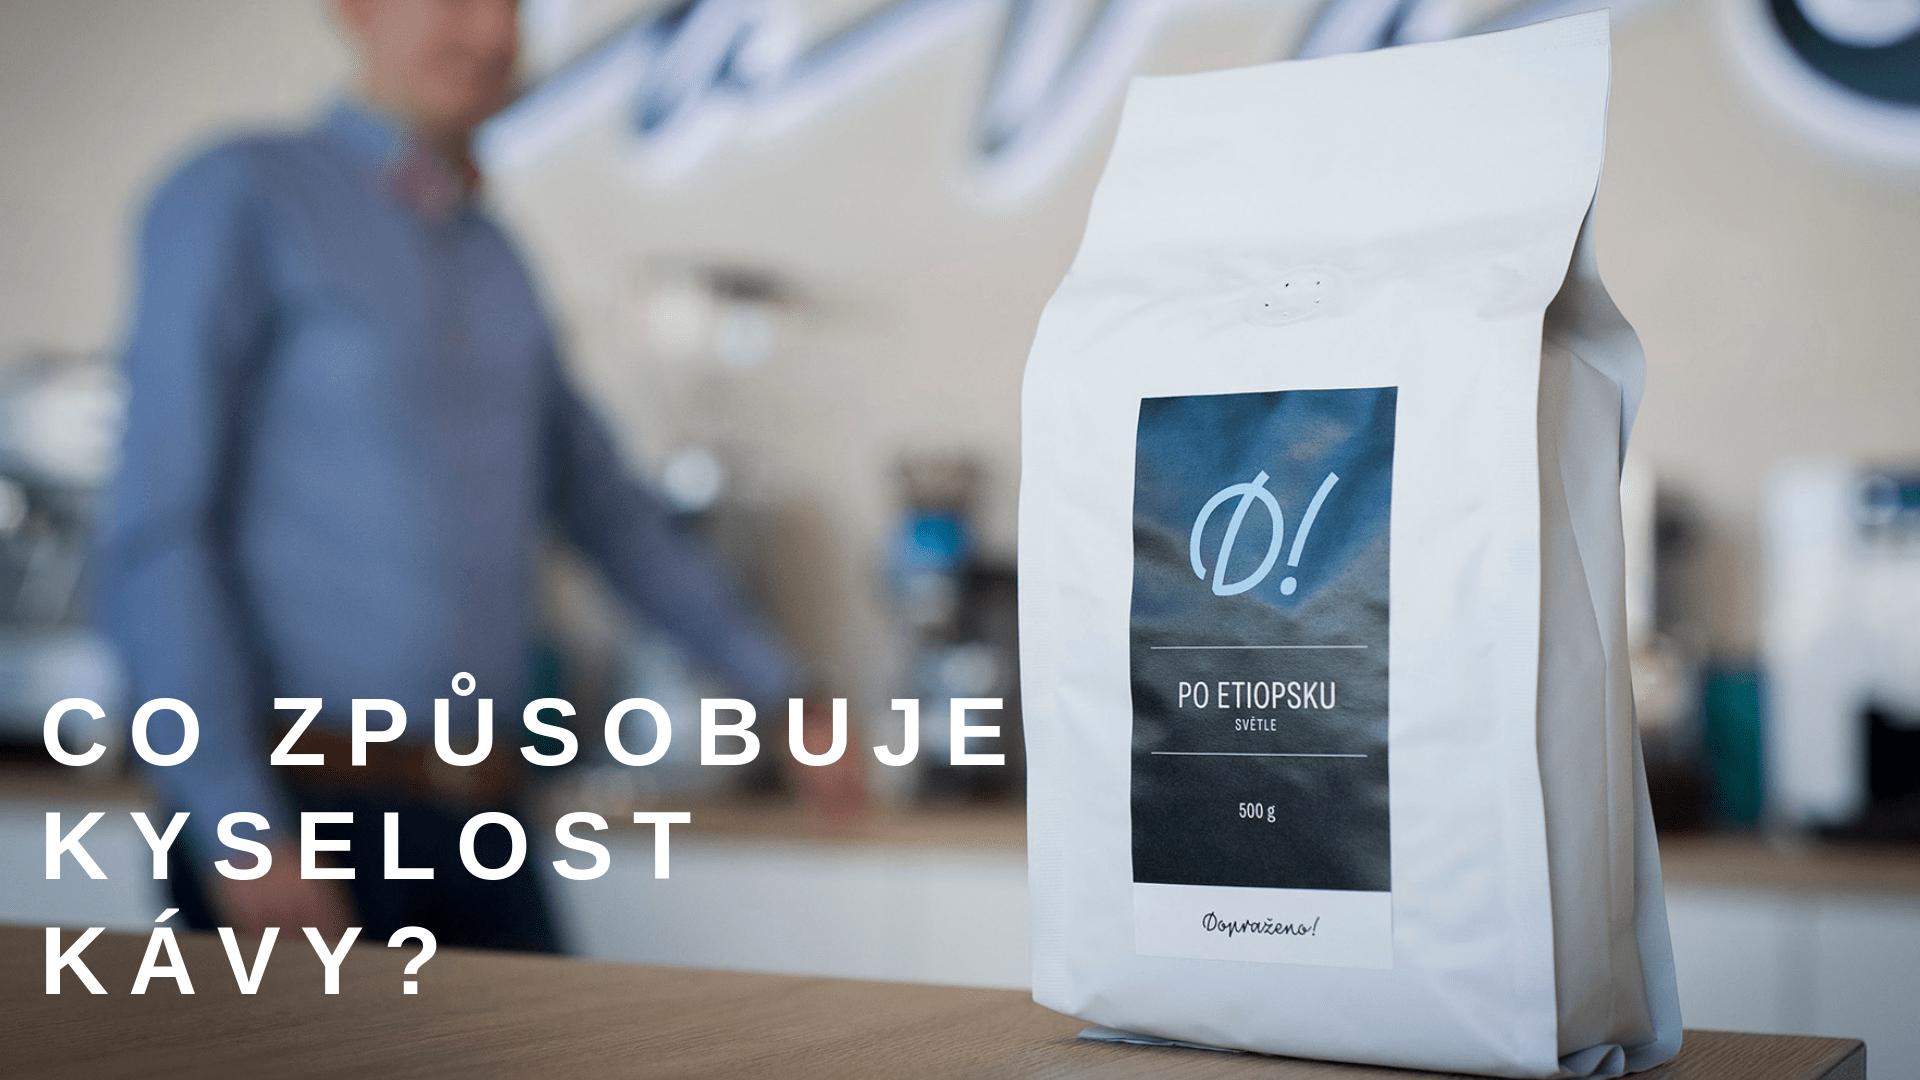 Co způsobuje kyselost kávy